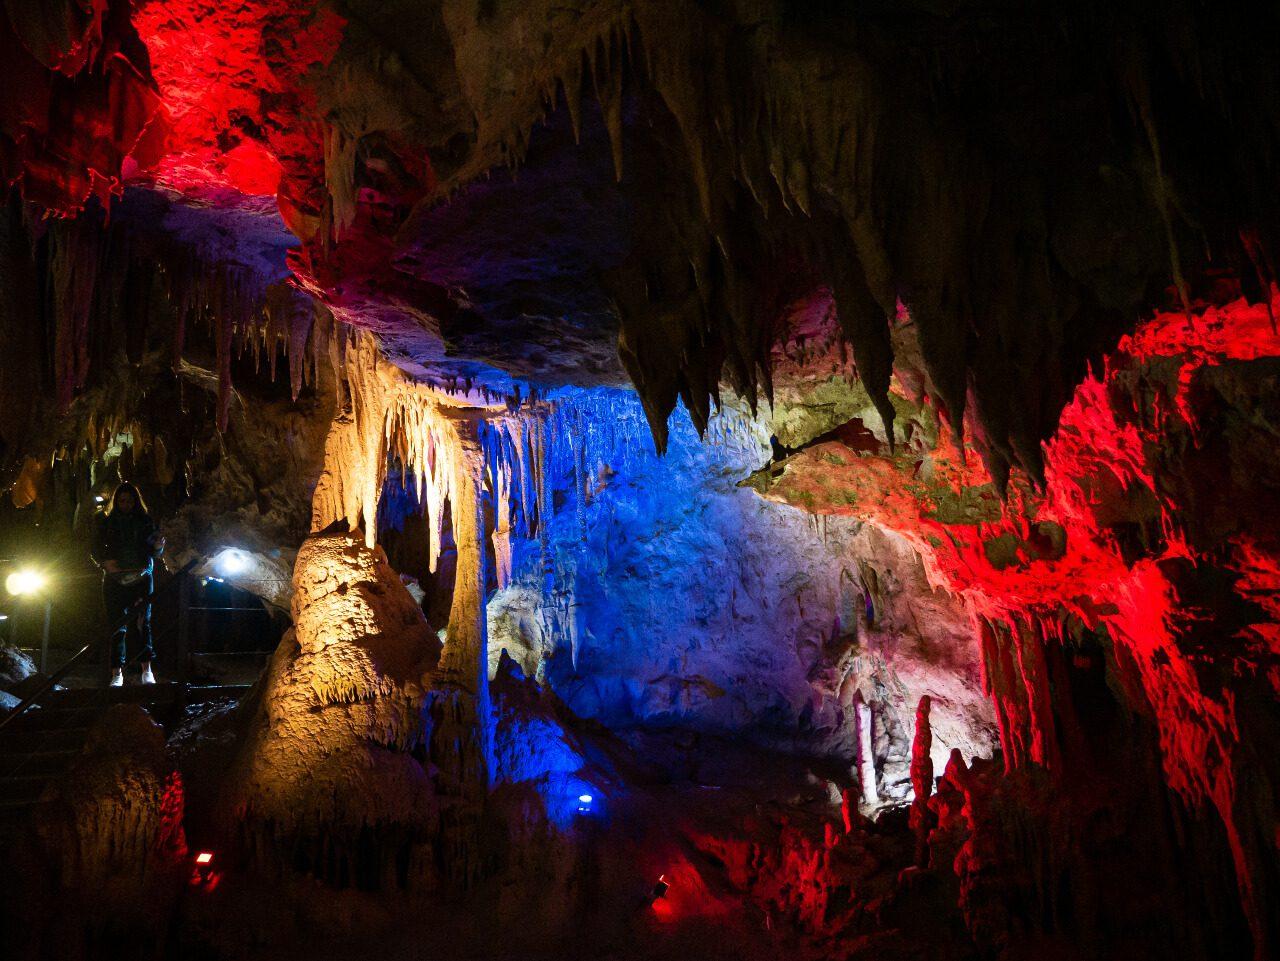 Kolorowe podświetlenie Jaskini Prometeusza